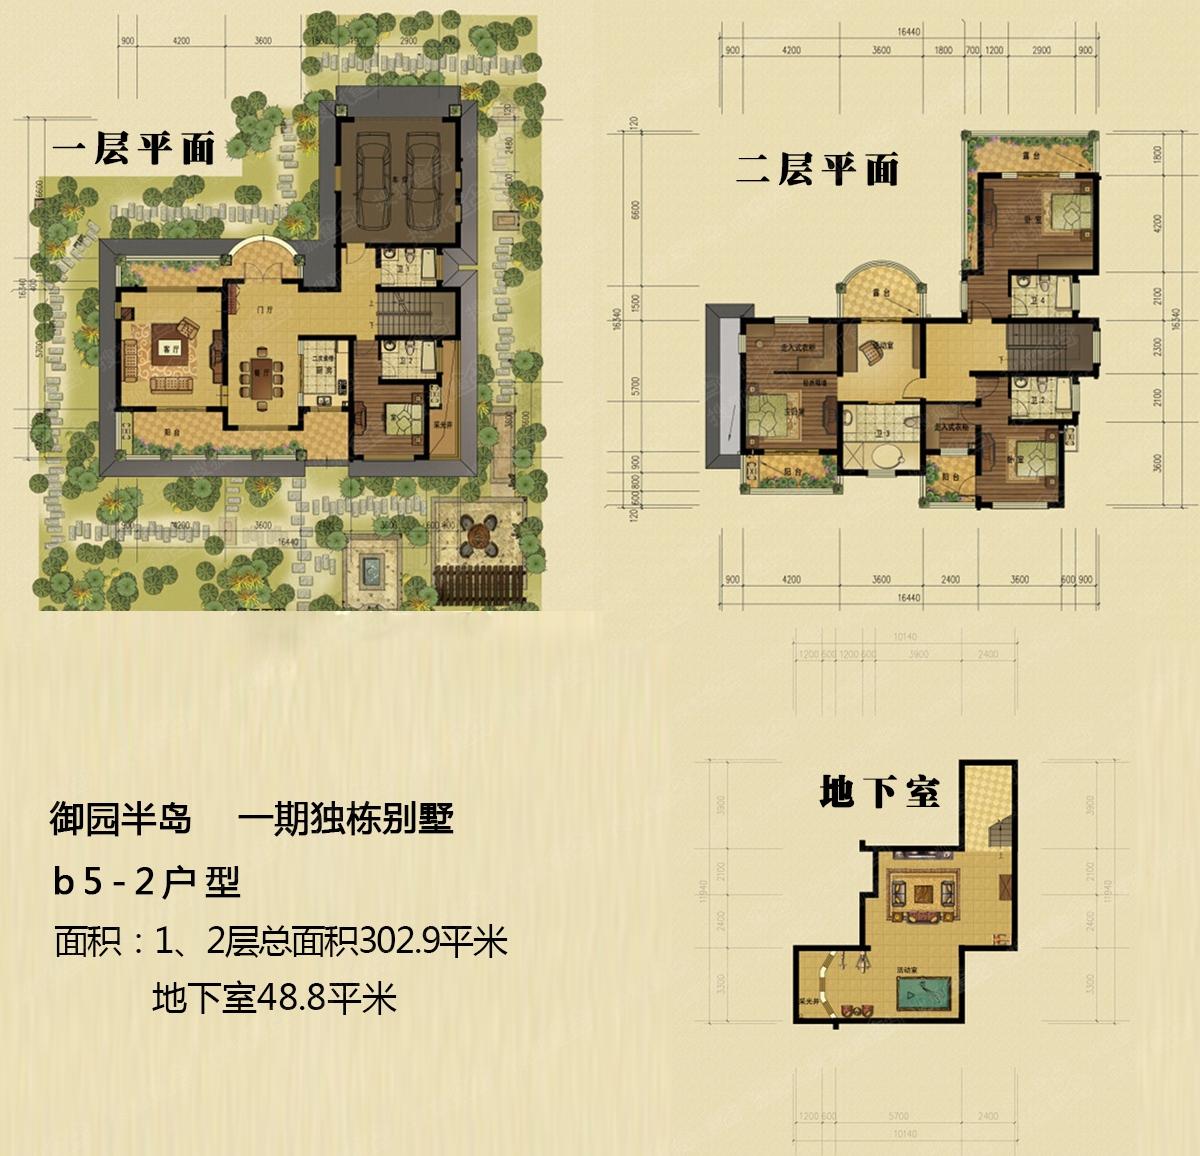 御园半岛b5-2独栋别墅户型图